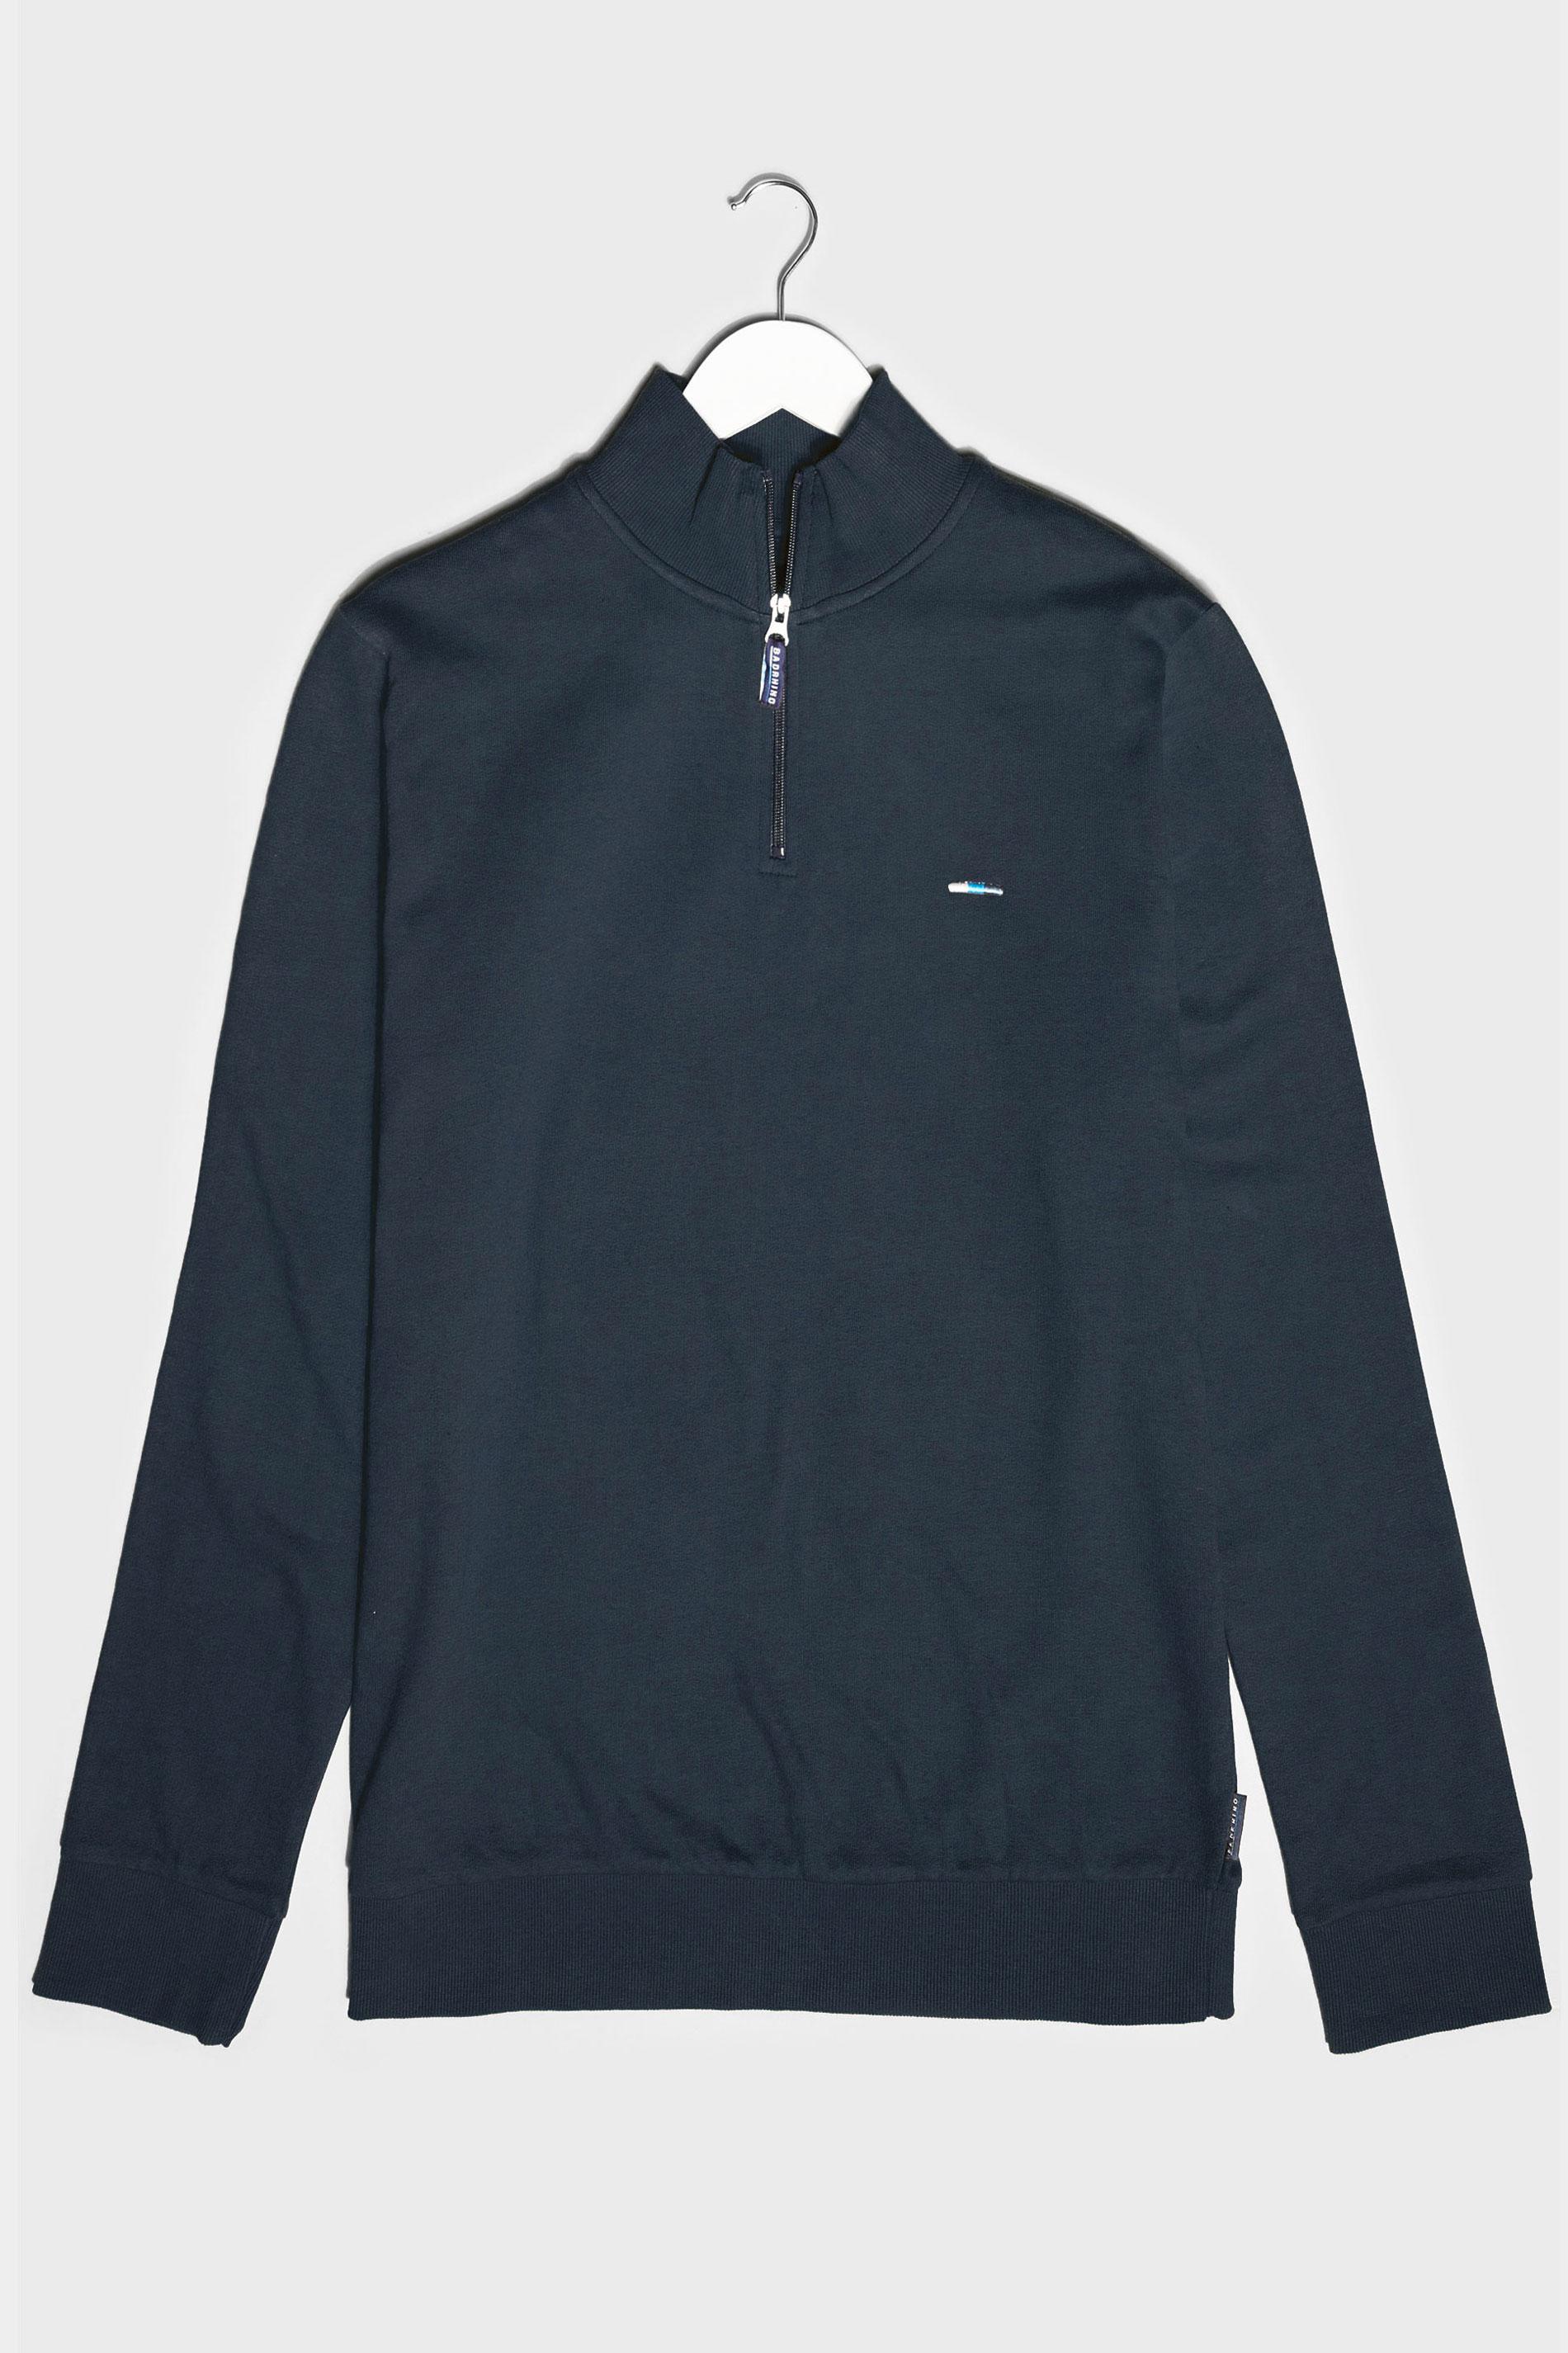 BadRhino Navy Quarter Zip Essential Sweatshirt